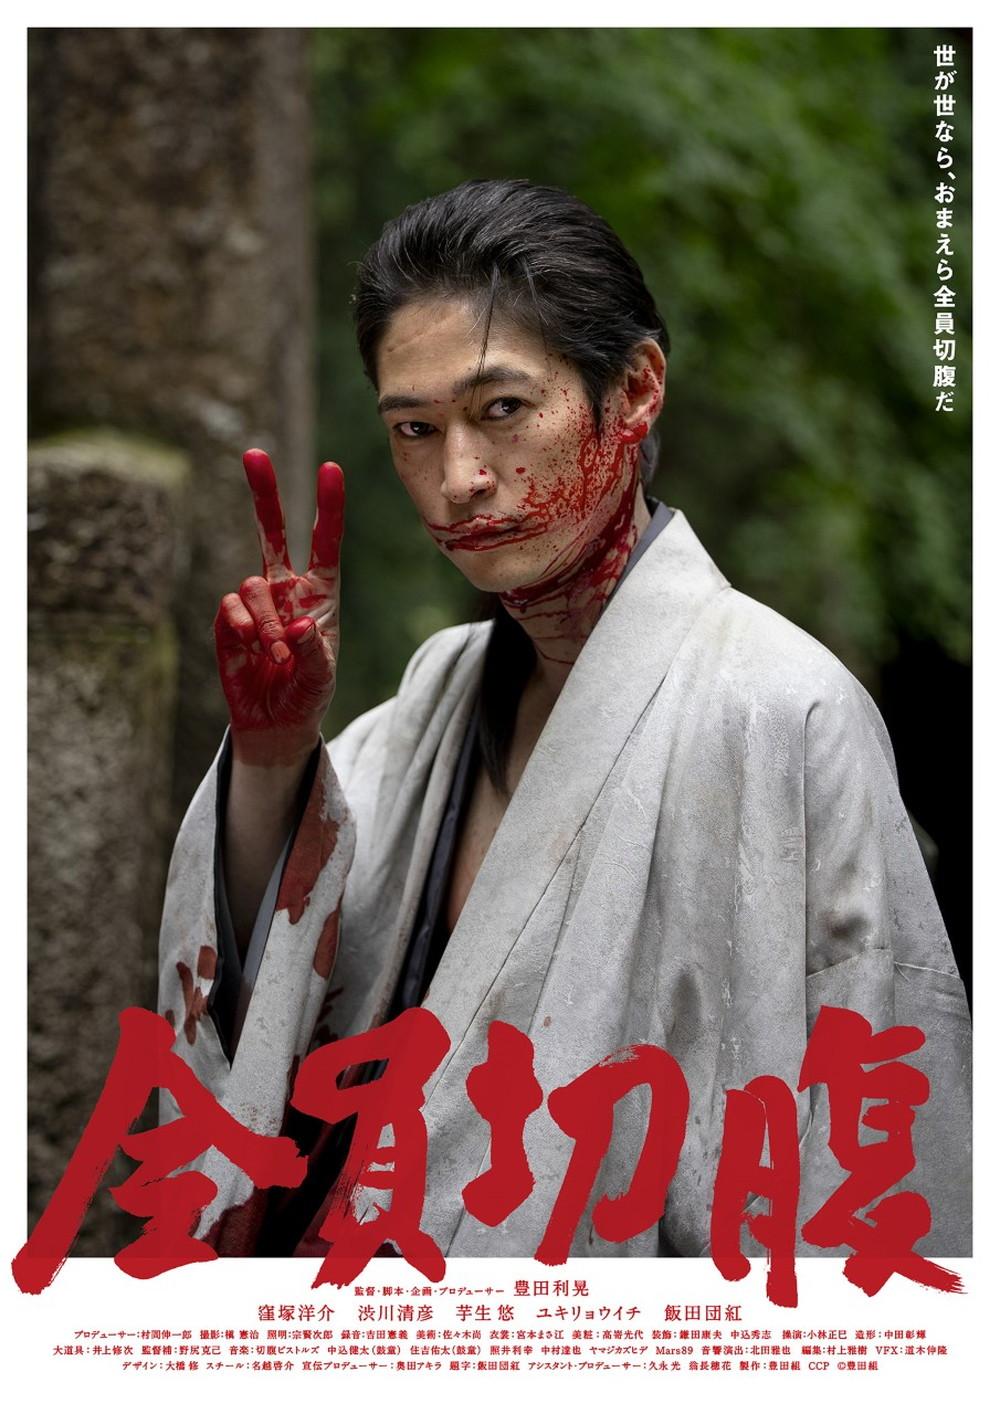 豊田利晃最新作「全員切腹」ポスタ